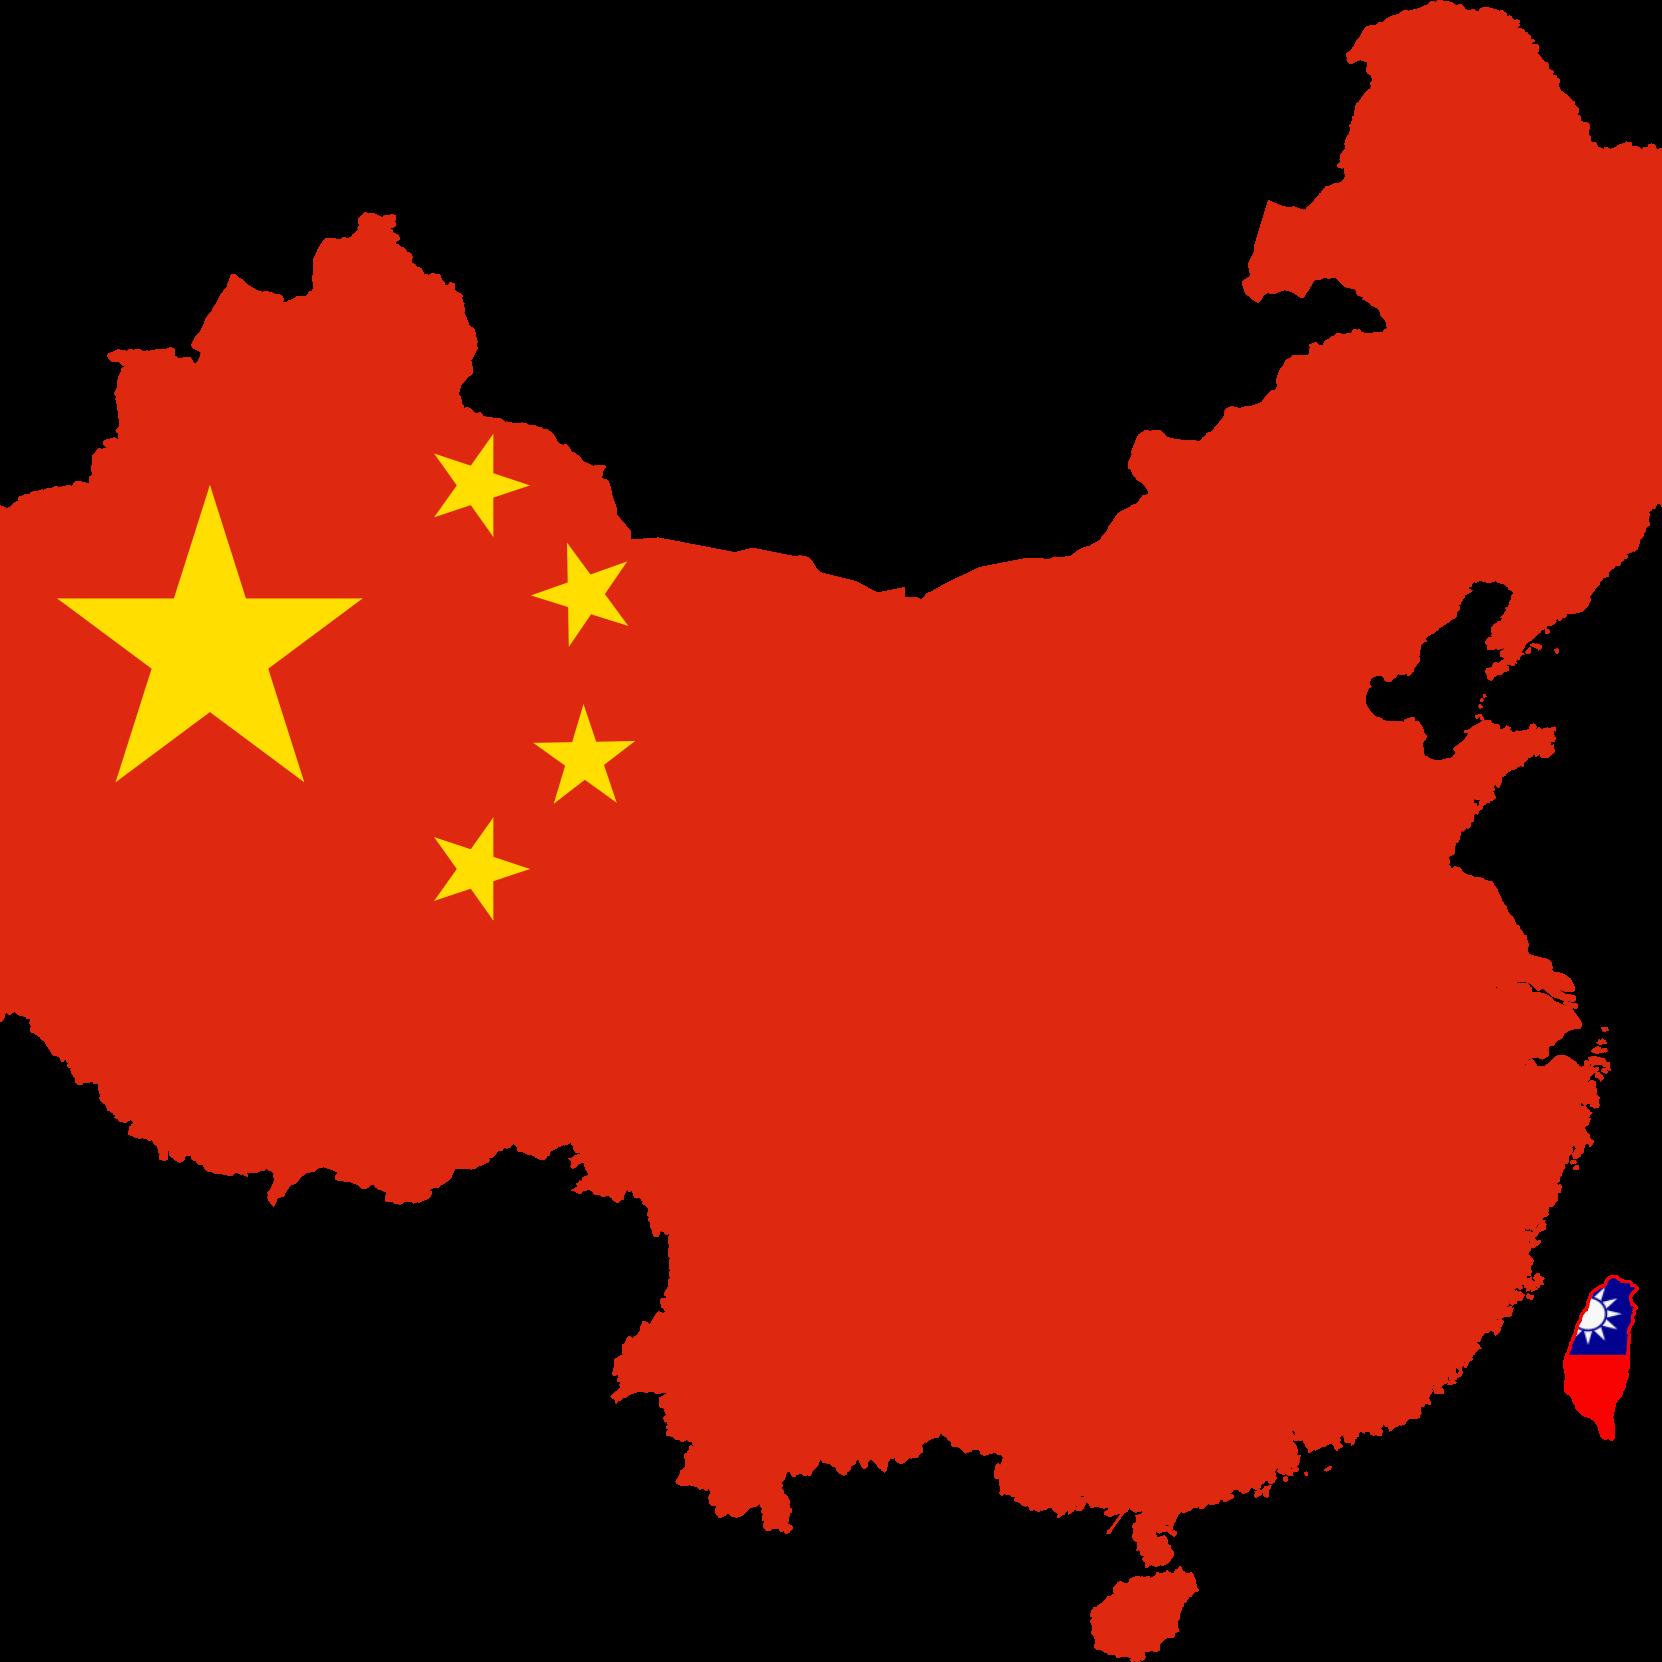 Flag_map_of_China__Taiwan